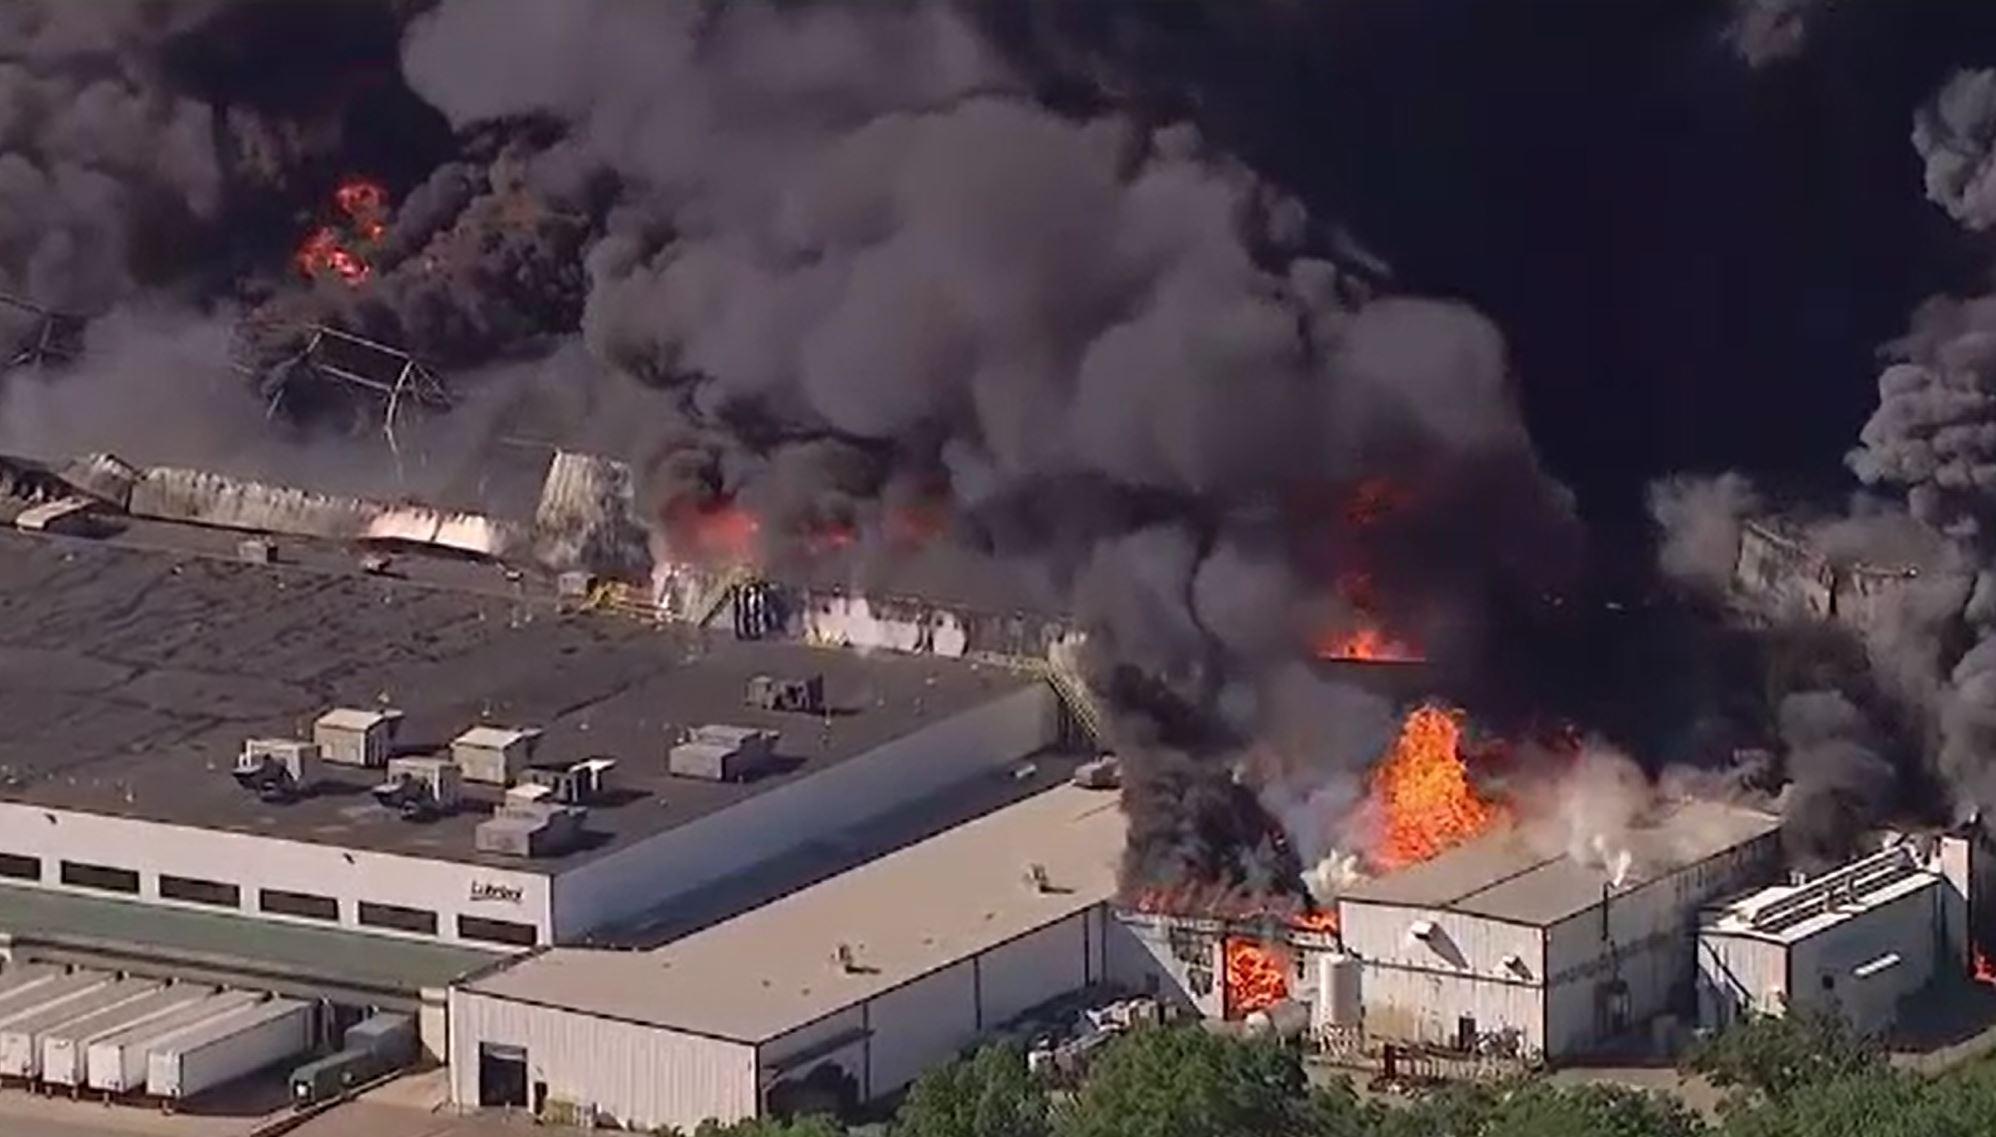 Incendiu devastator la o fabrică de produse chimice din Illinois. Locuitorii din zonă au fost evacuați